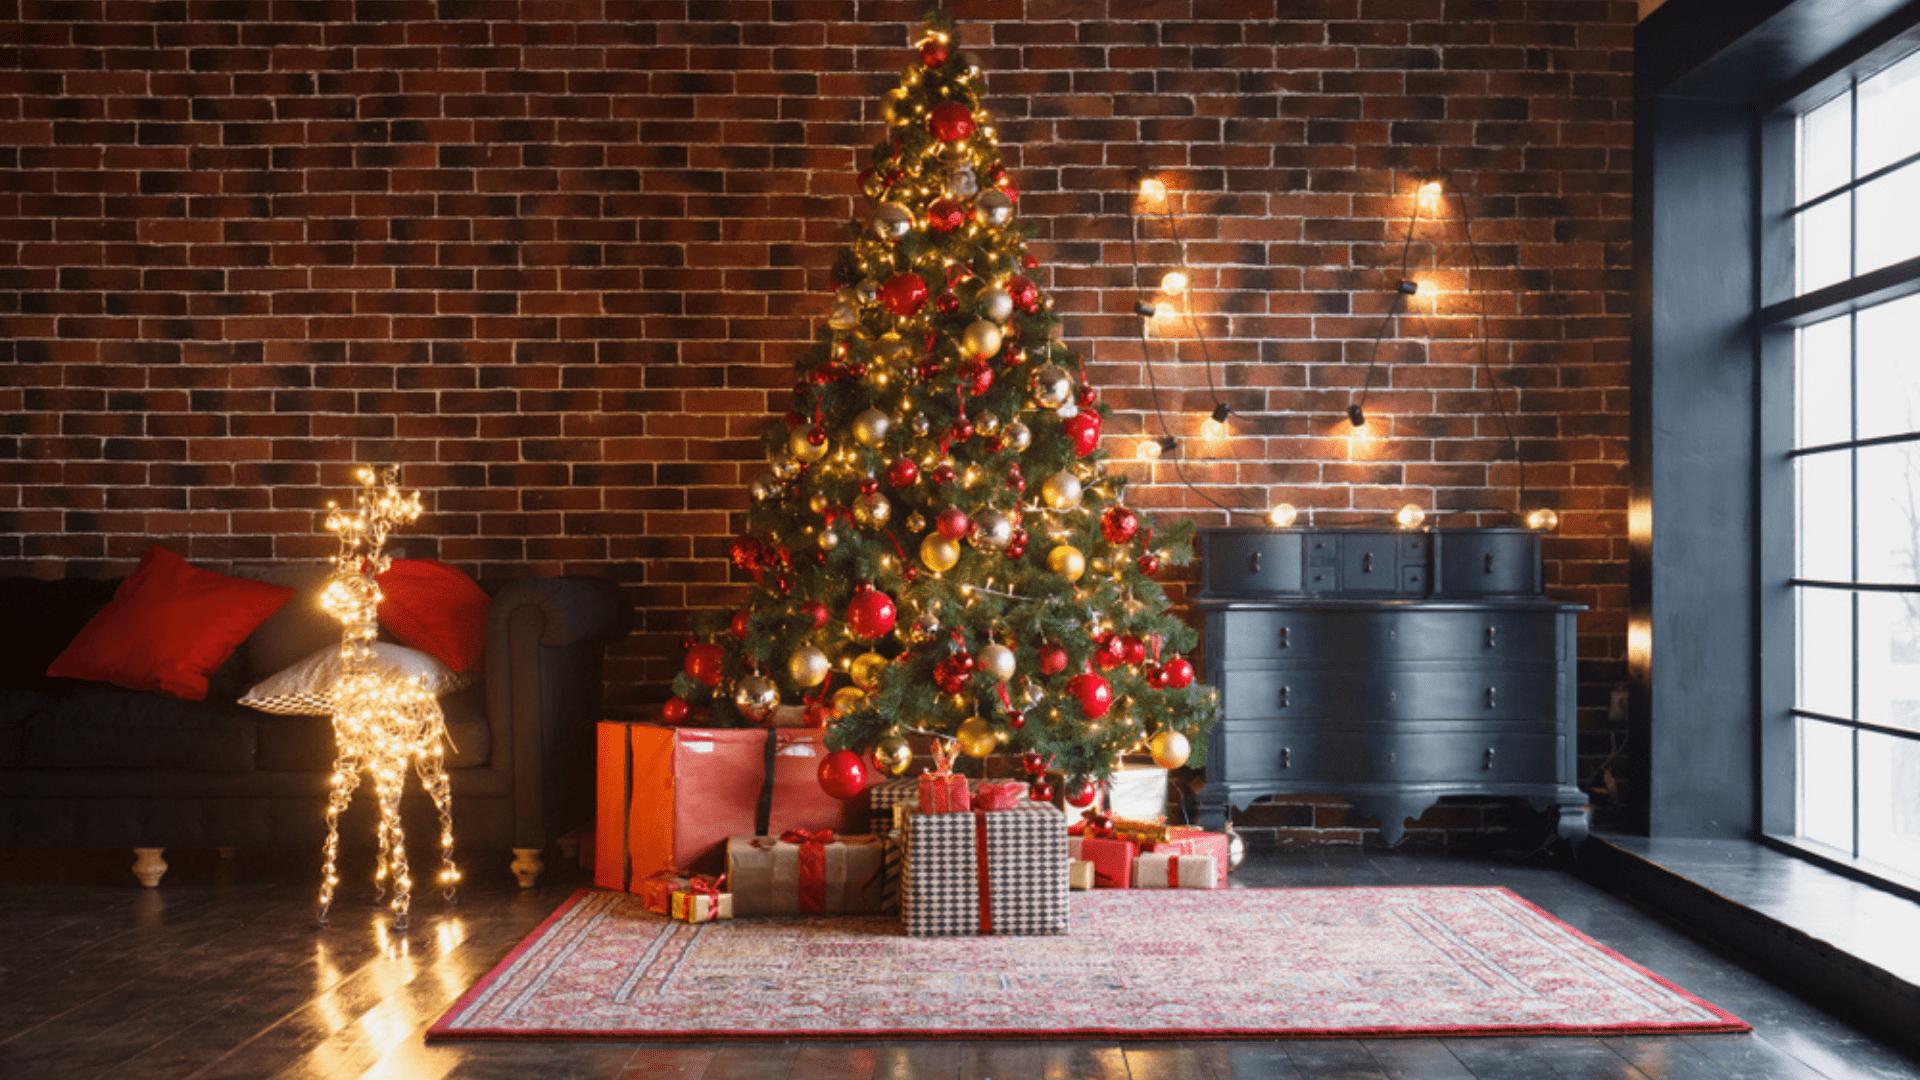 Veja como montar a árvore de Natal perfeita! (Imagem: Reprodução/Shutterstock)